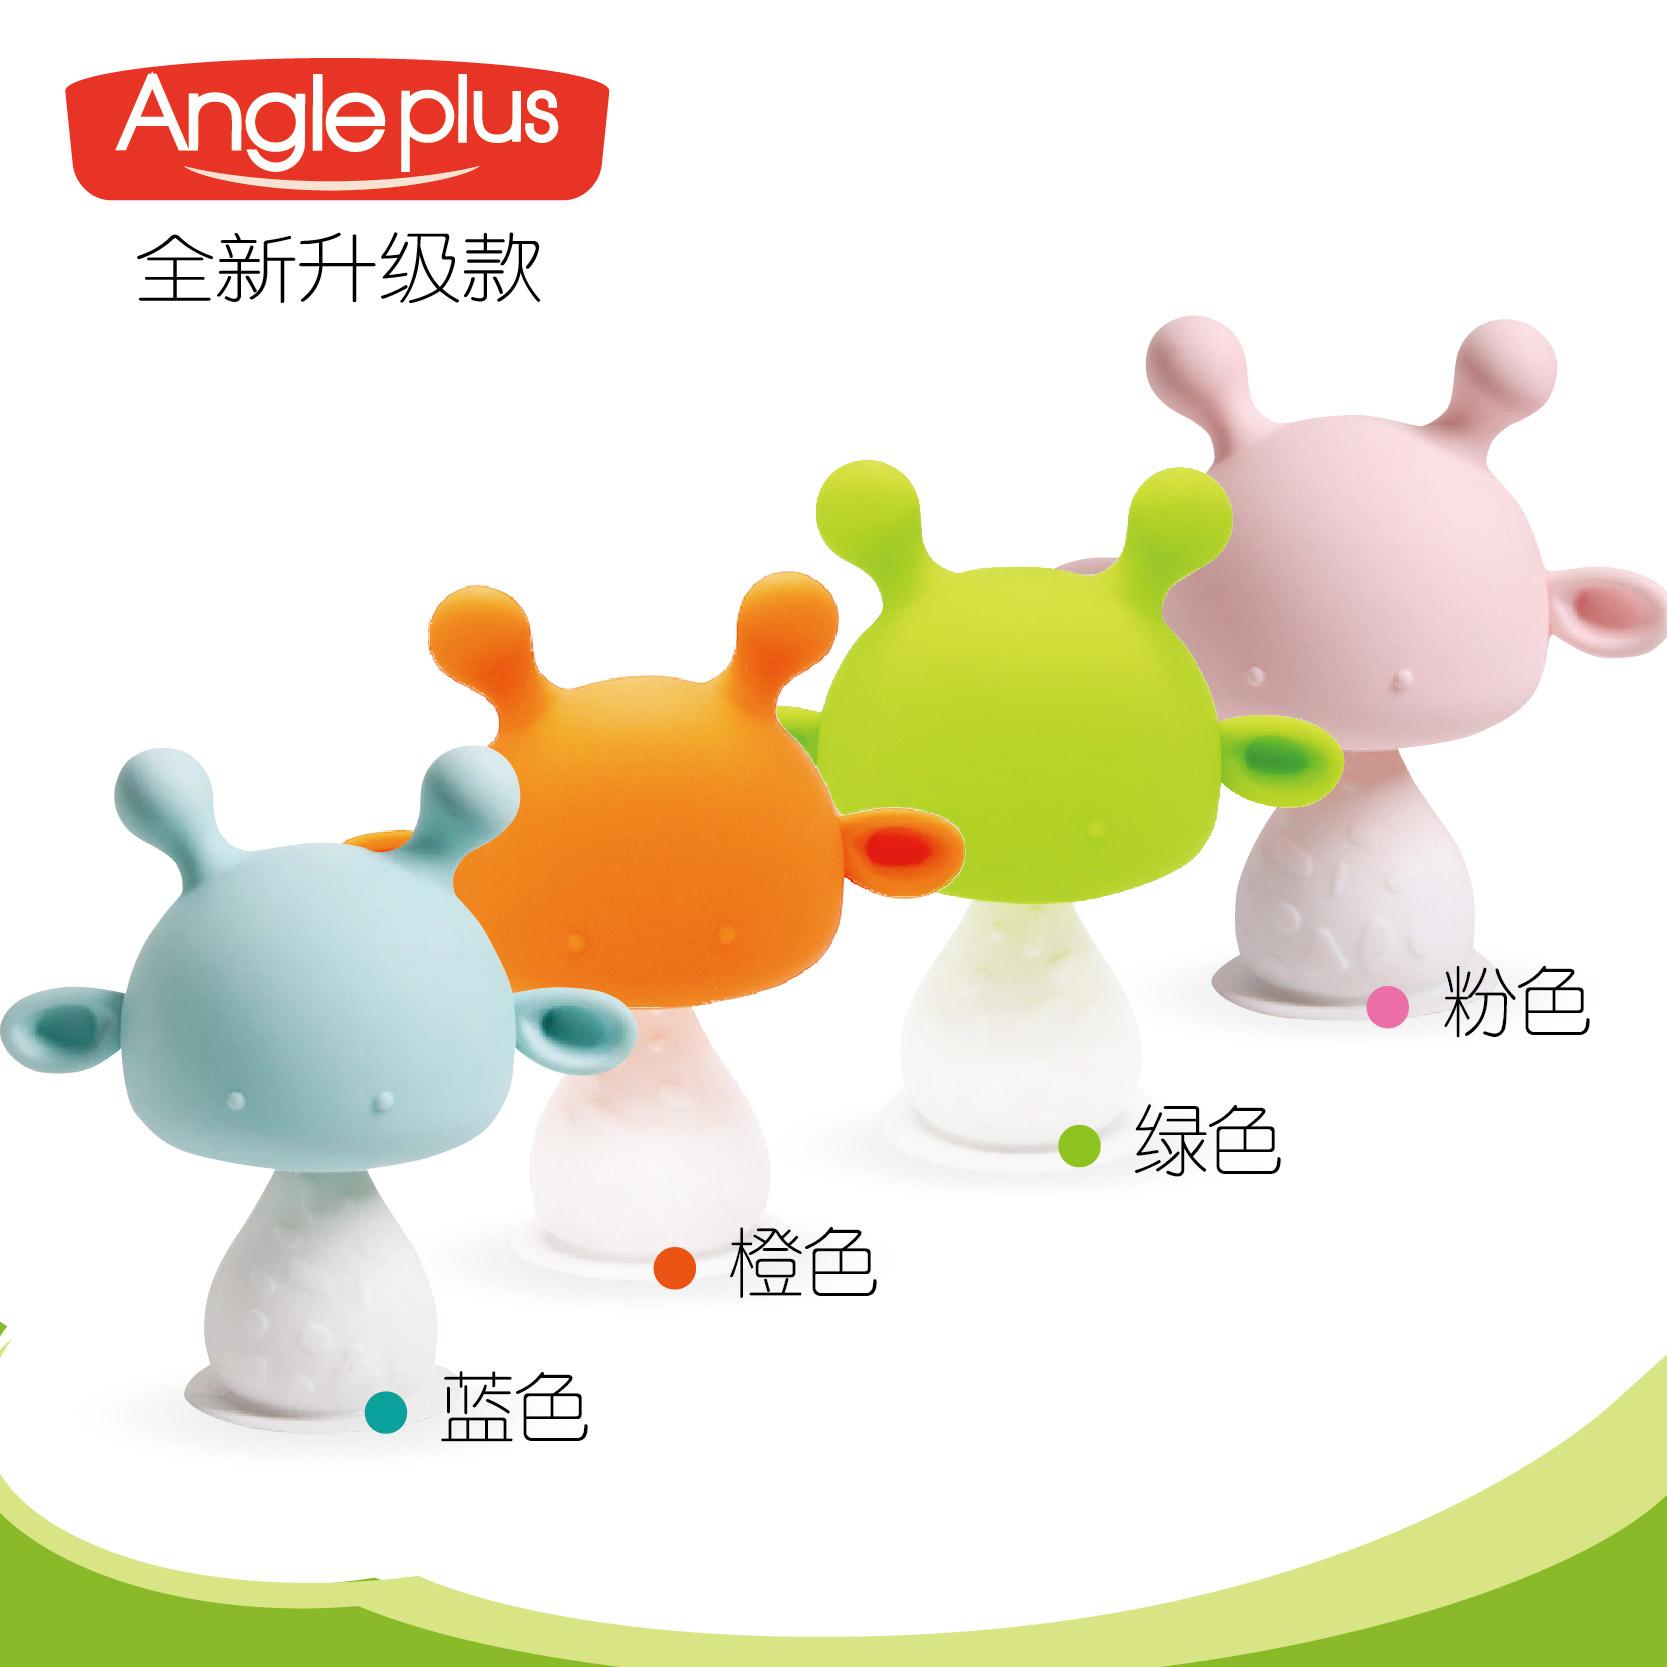 Angle Plus蘑菇小鹿安抚牙胶婴幼儿磨牙摇铃玩具奶嘴硅胶安全柔韧优惠券